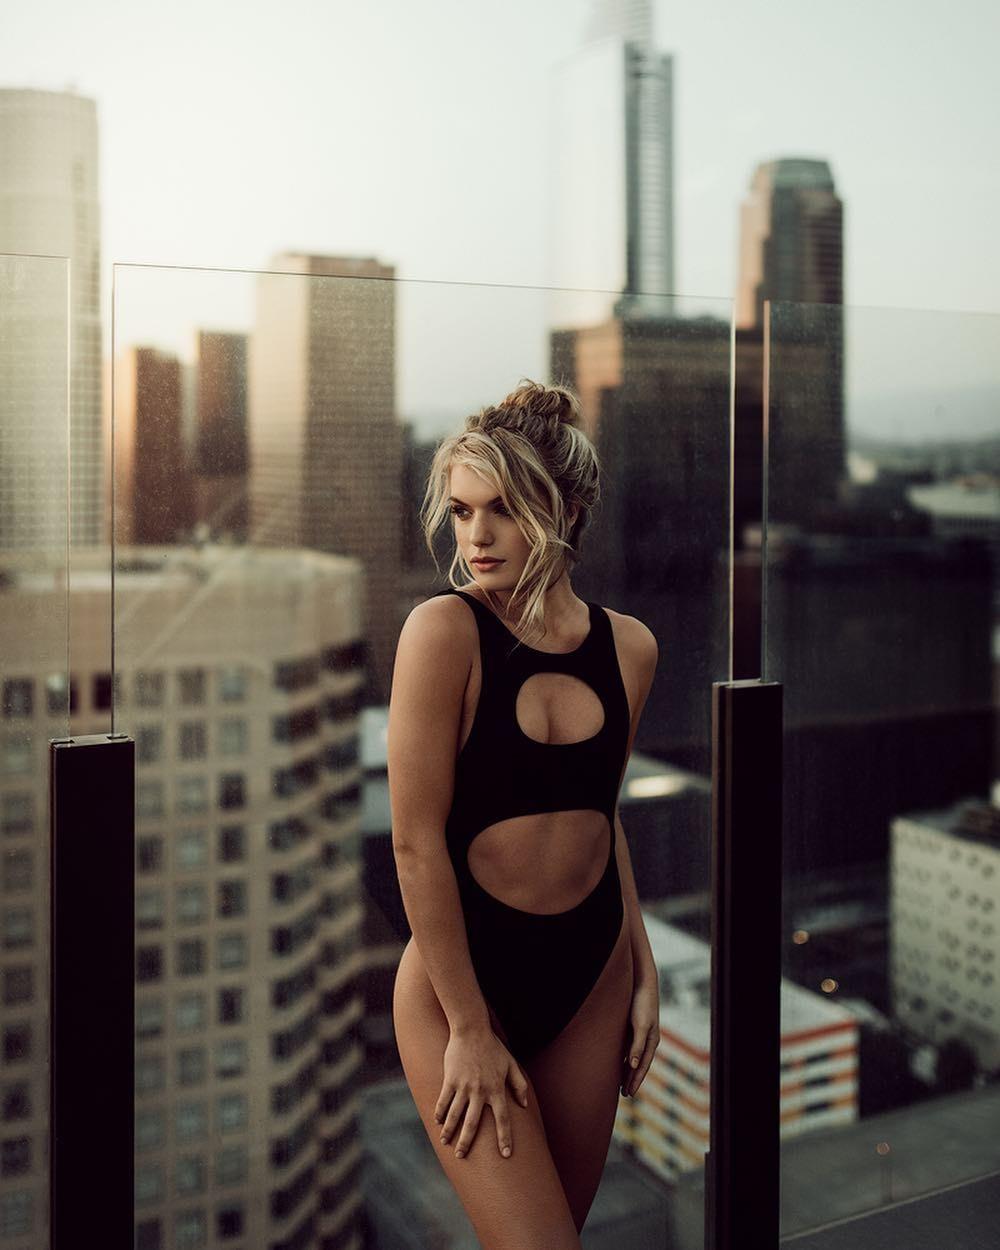 Чувственные снимки девушек от Люка Готтлиба